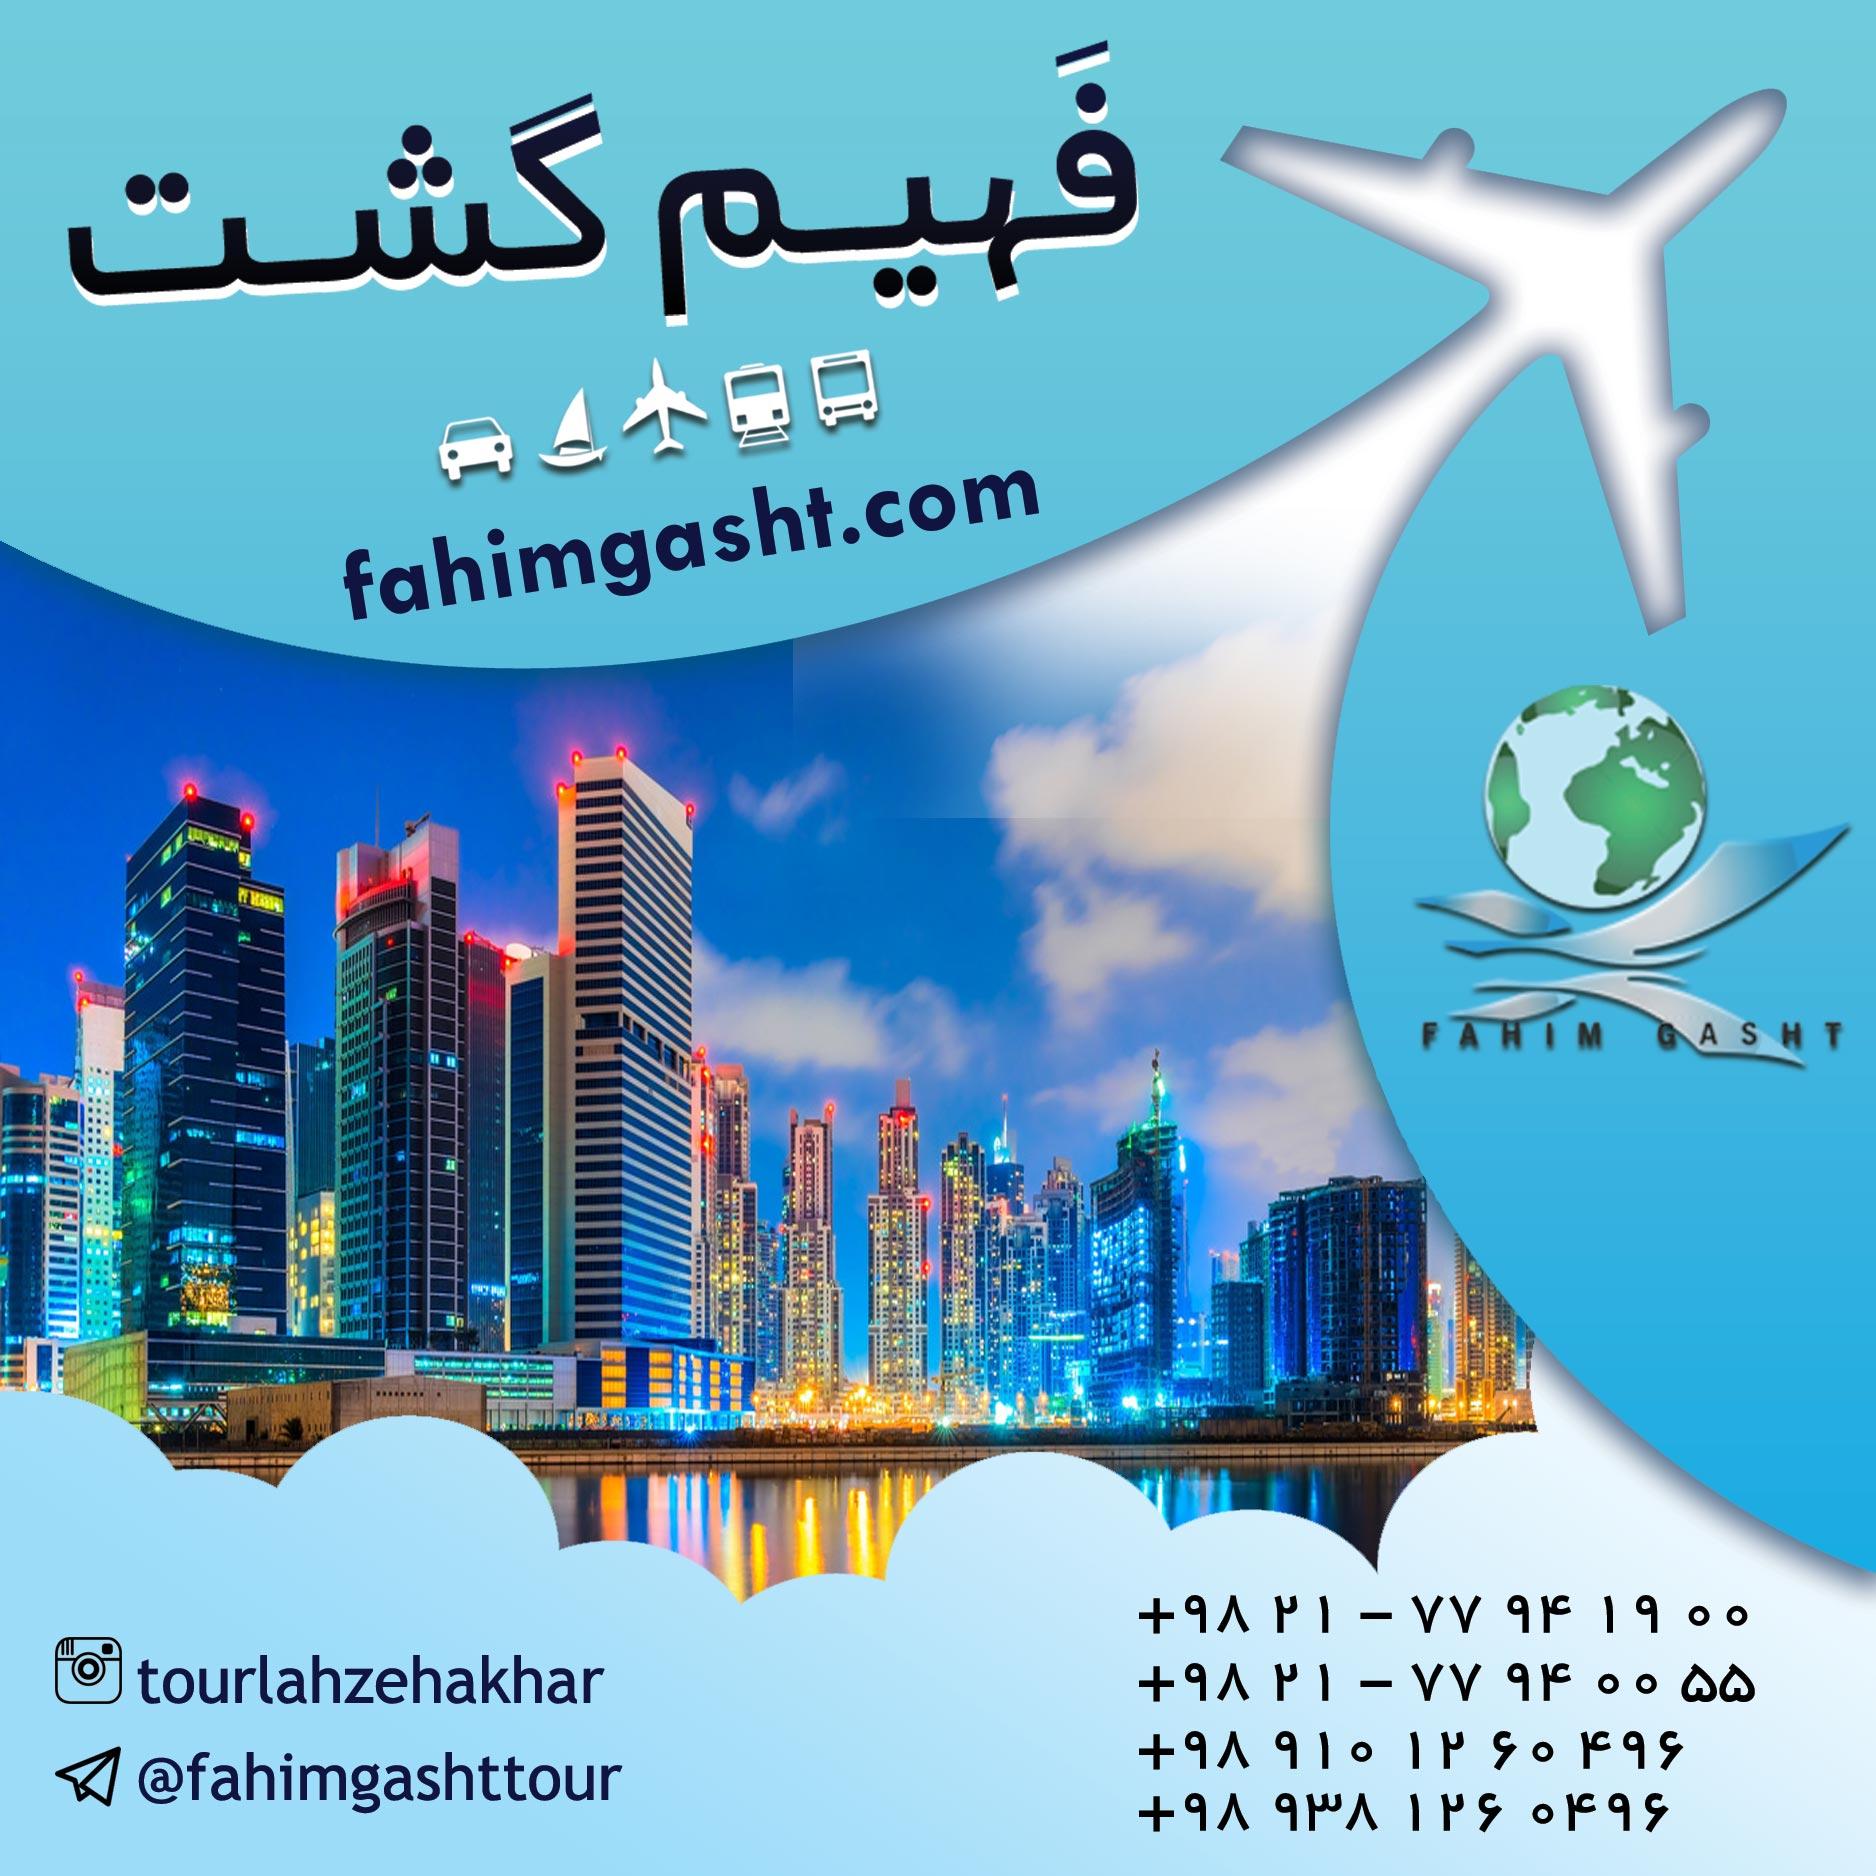 تور دبی :: آژانس مسافرتی فهیم گشت برگزار کننده تورهای خارجی و داخلی ...تور دبی نوروز با بهترین خدمات و رزرو هتل دبی در آژانس مسافرتی فهیم گشت